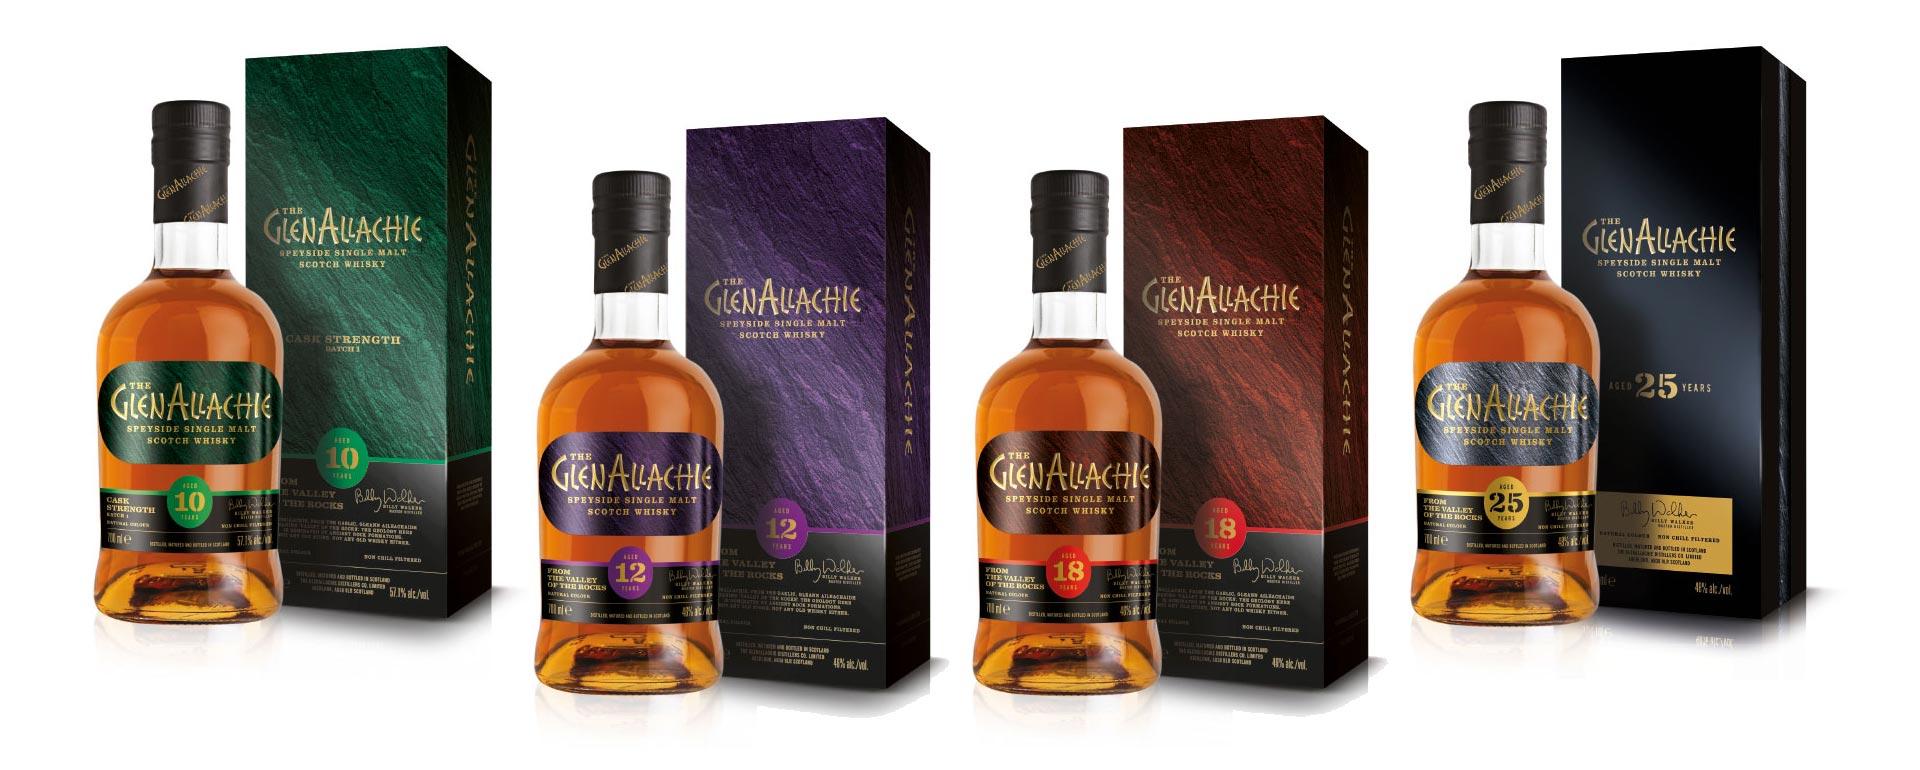 Die vier Flaschen der GlenAllachie Core Range mit Verpackung.